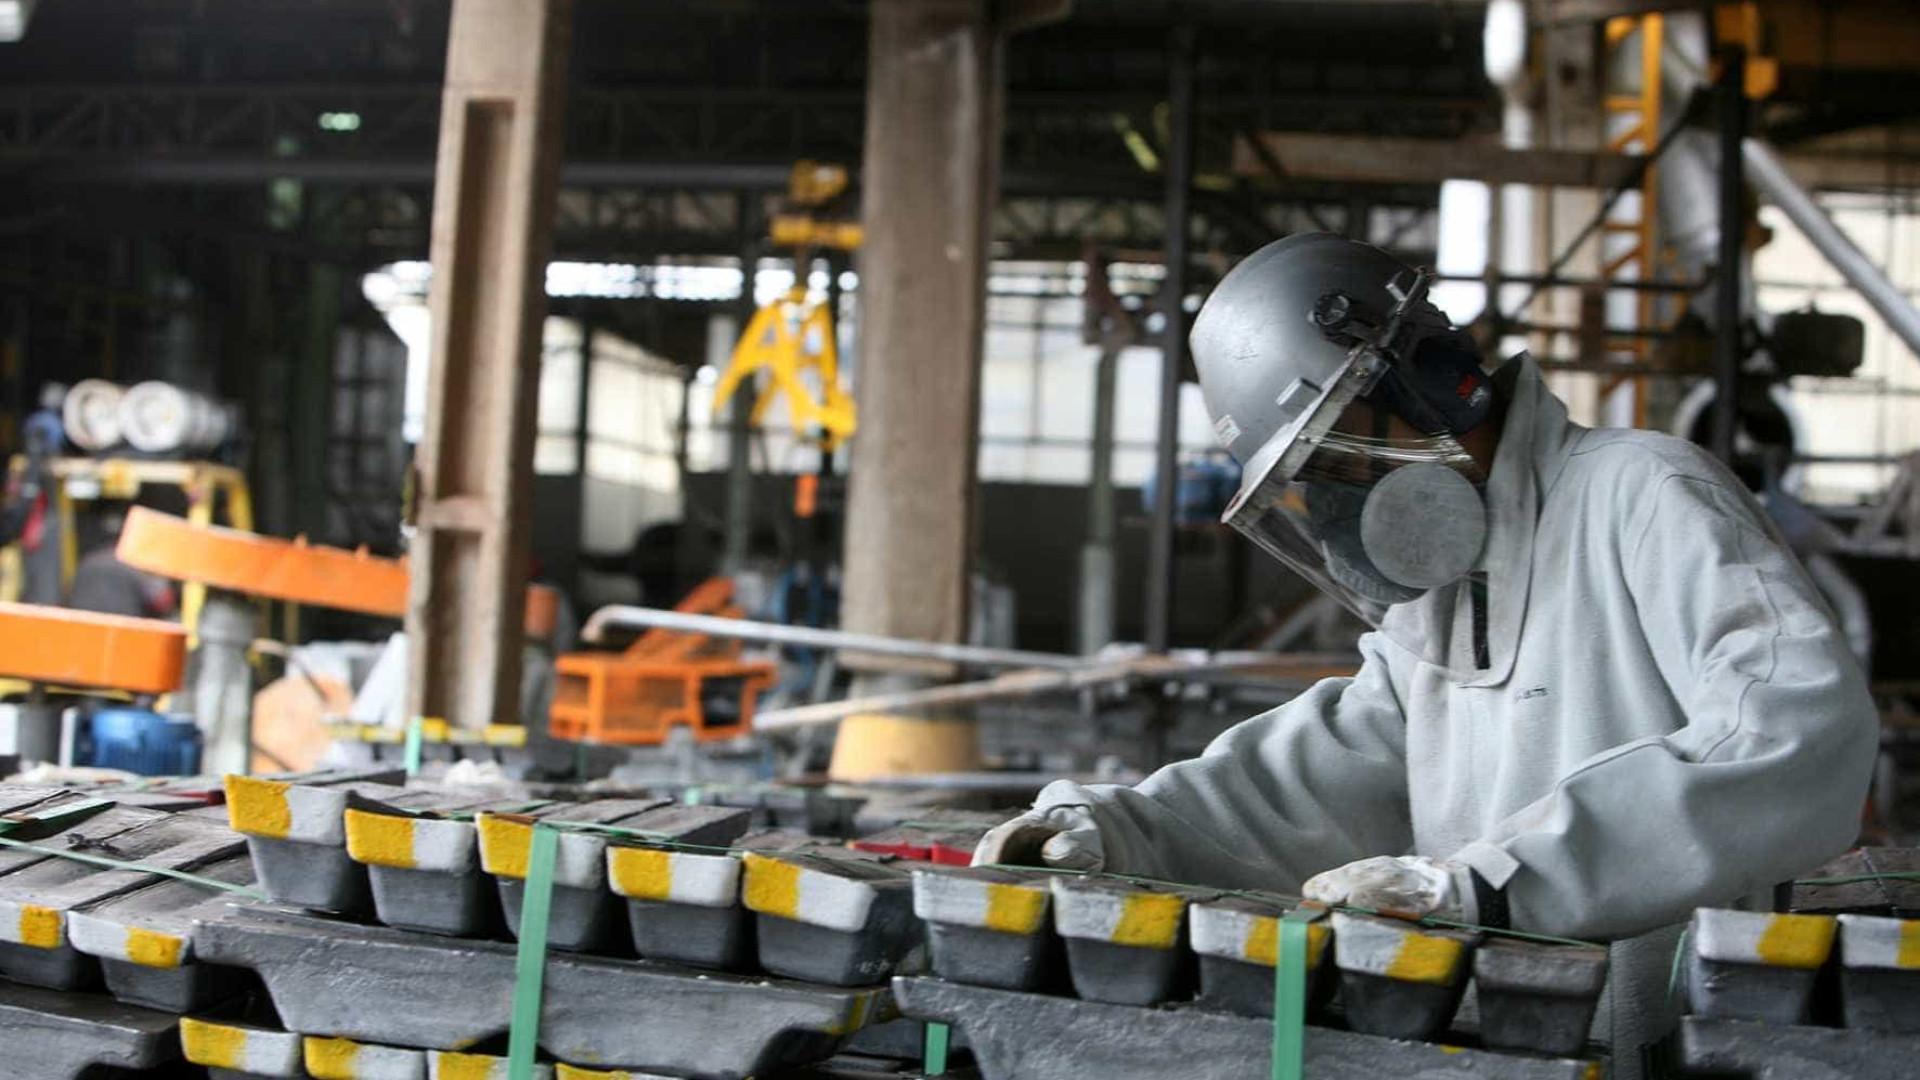 Emprego na indústria cresce 0,3% em novembro ante outubro